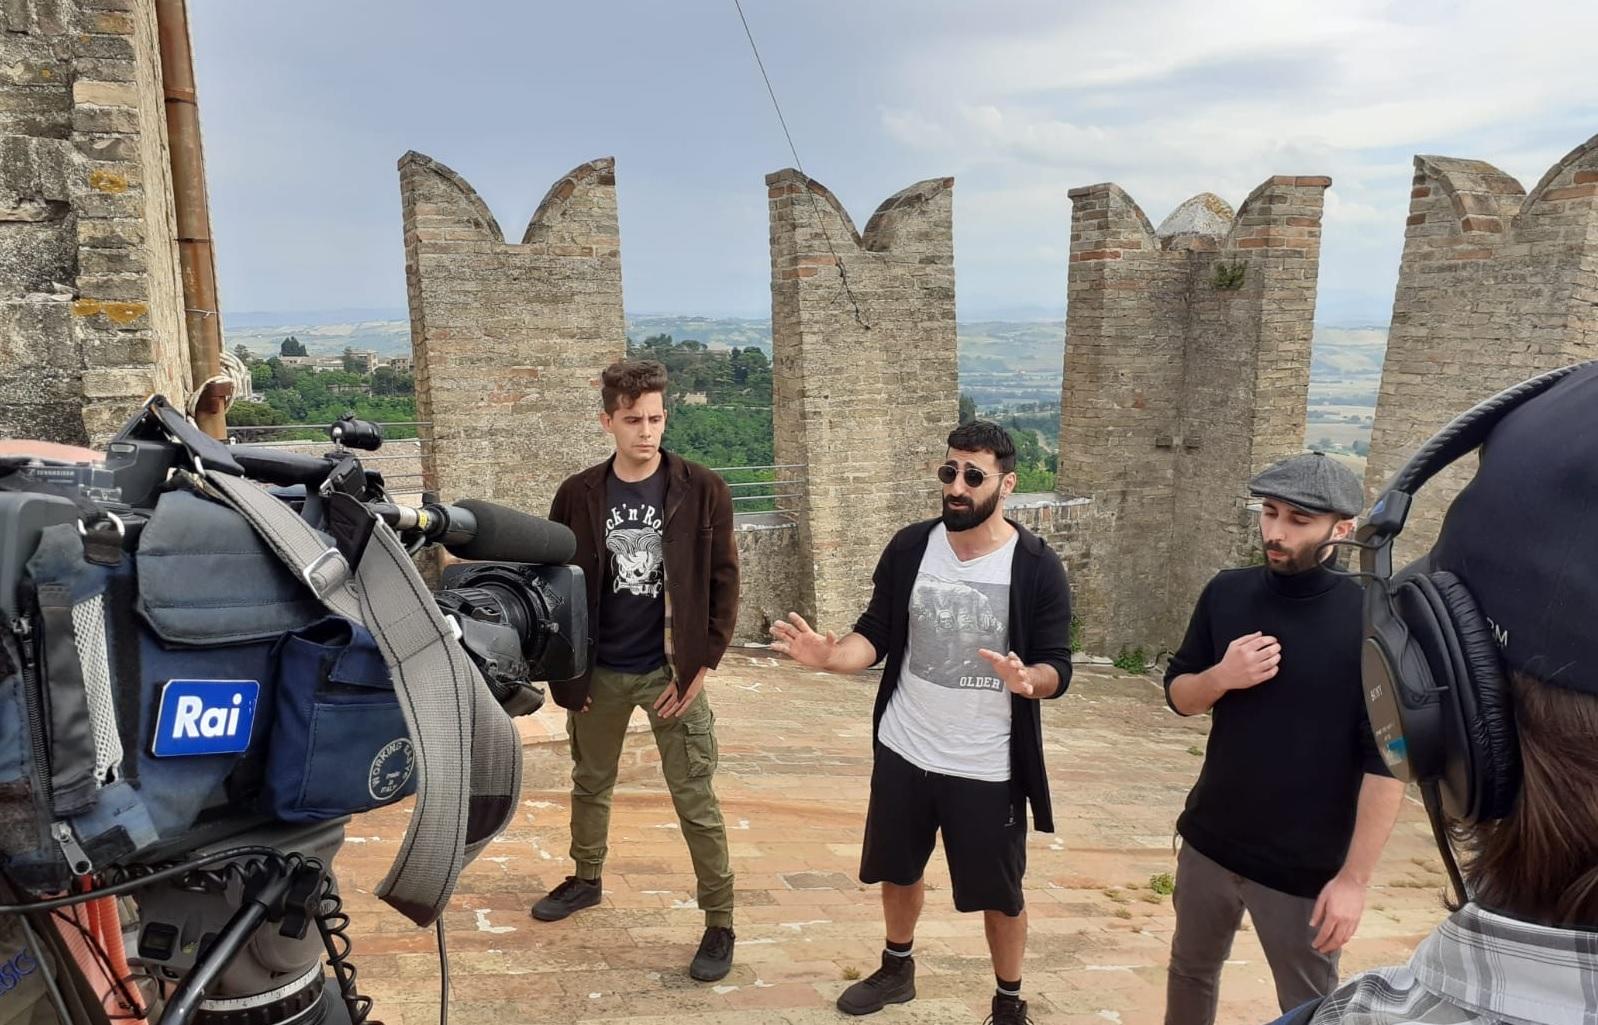 Musicultura a Tv7 su Rai1, il ritorno della musica live